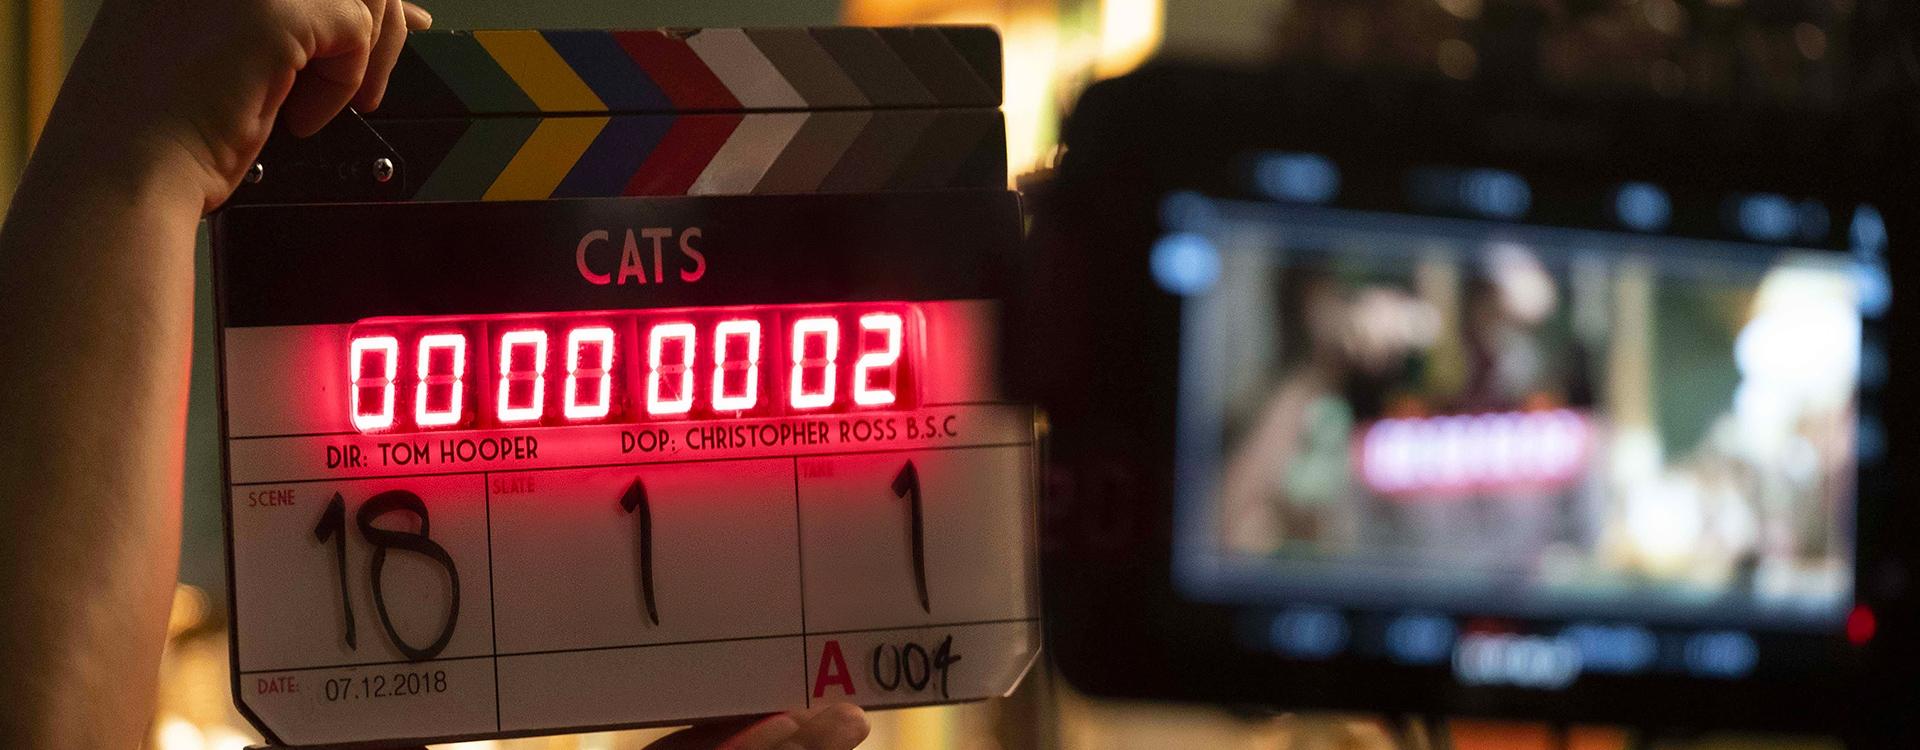 Cats 2019 – In cinemas December 20